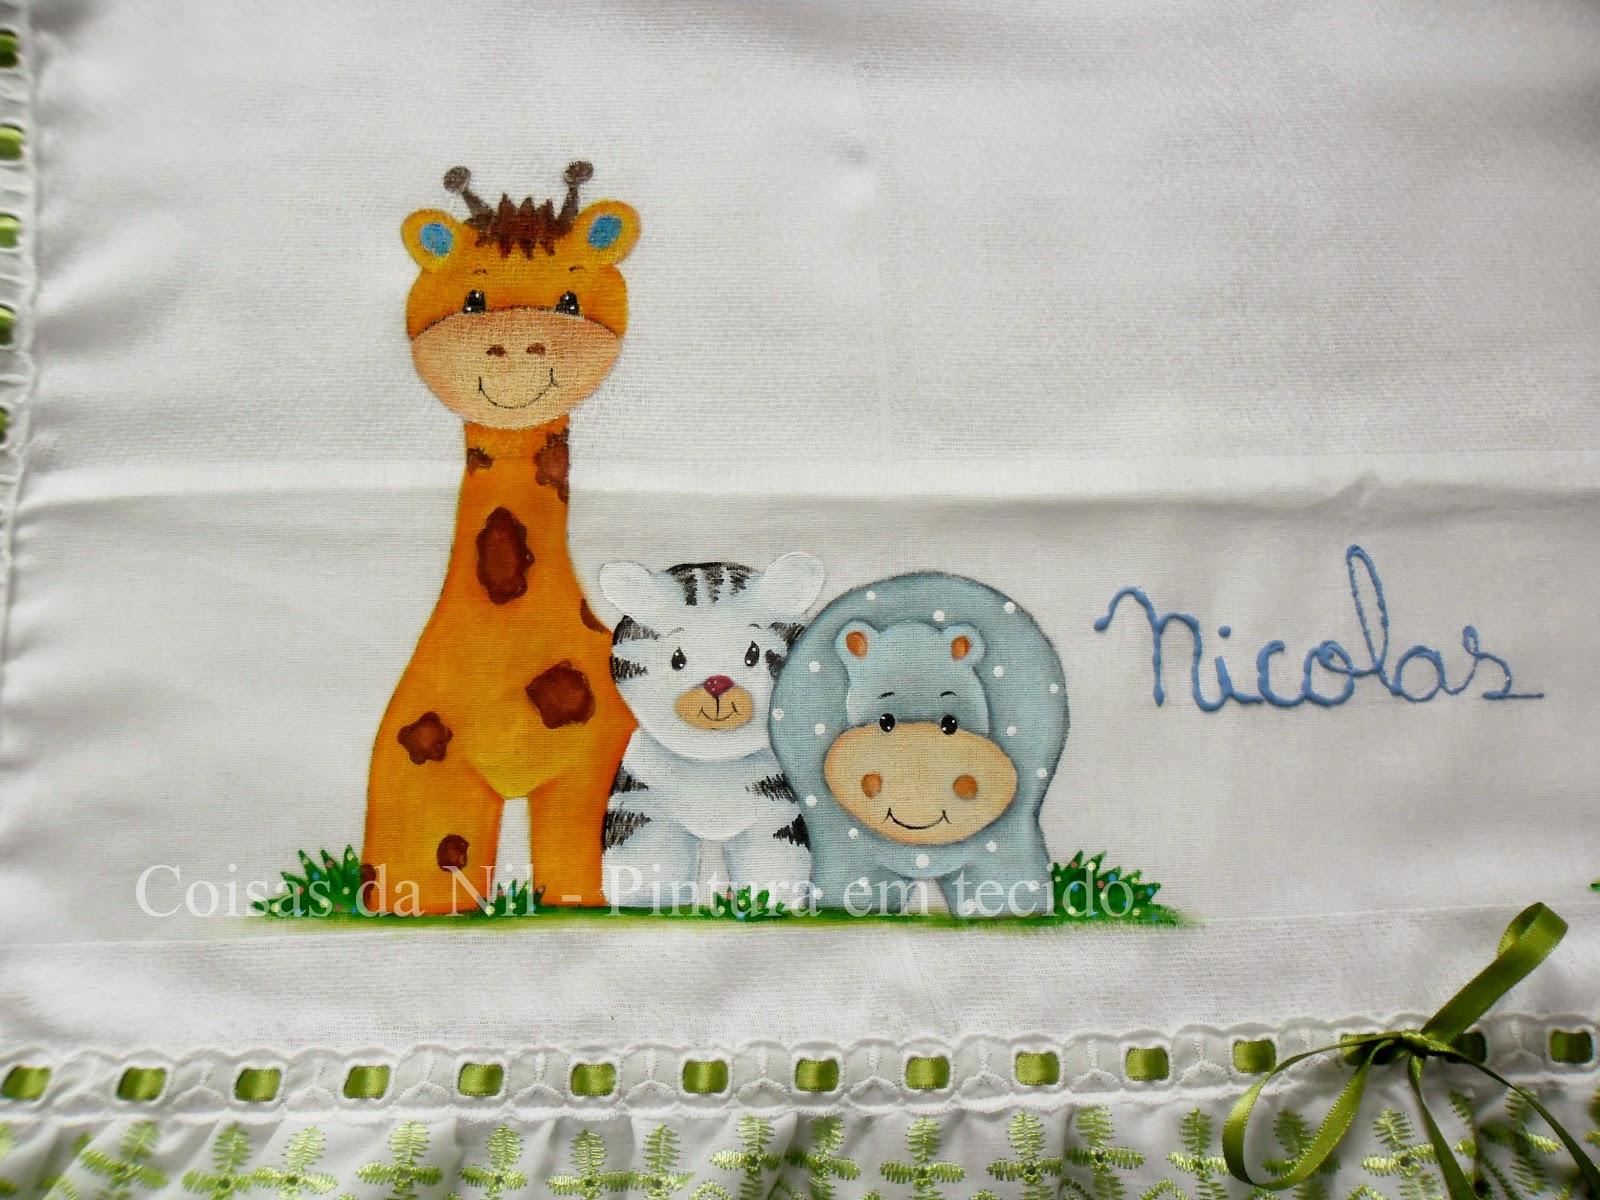 pintura em tecido girafa, tigre e hipopotamo pintados em fralda de menino